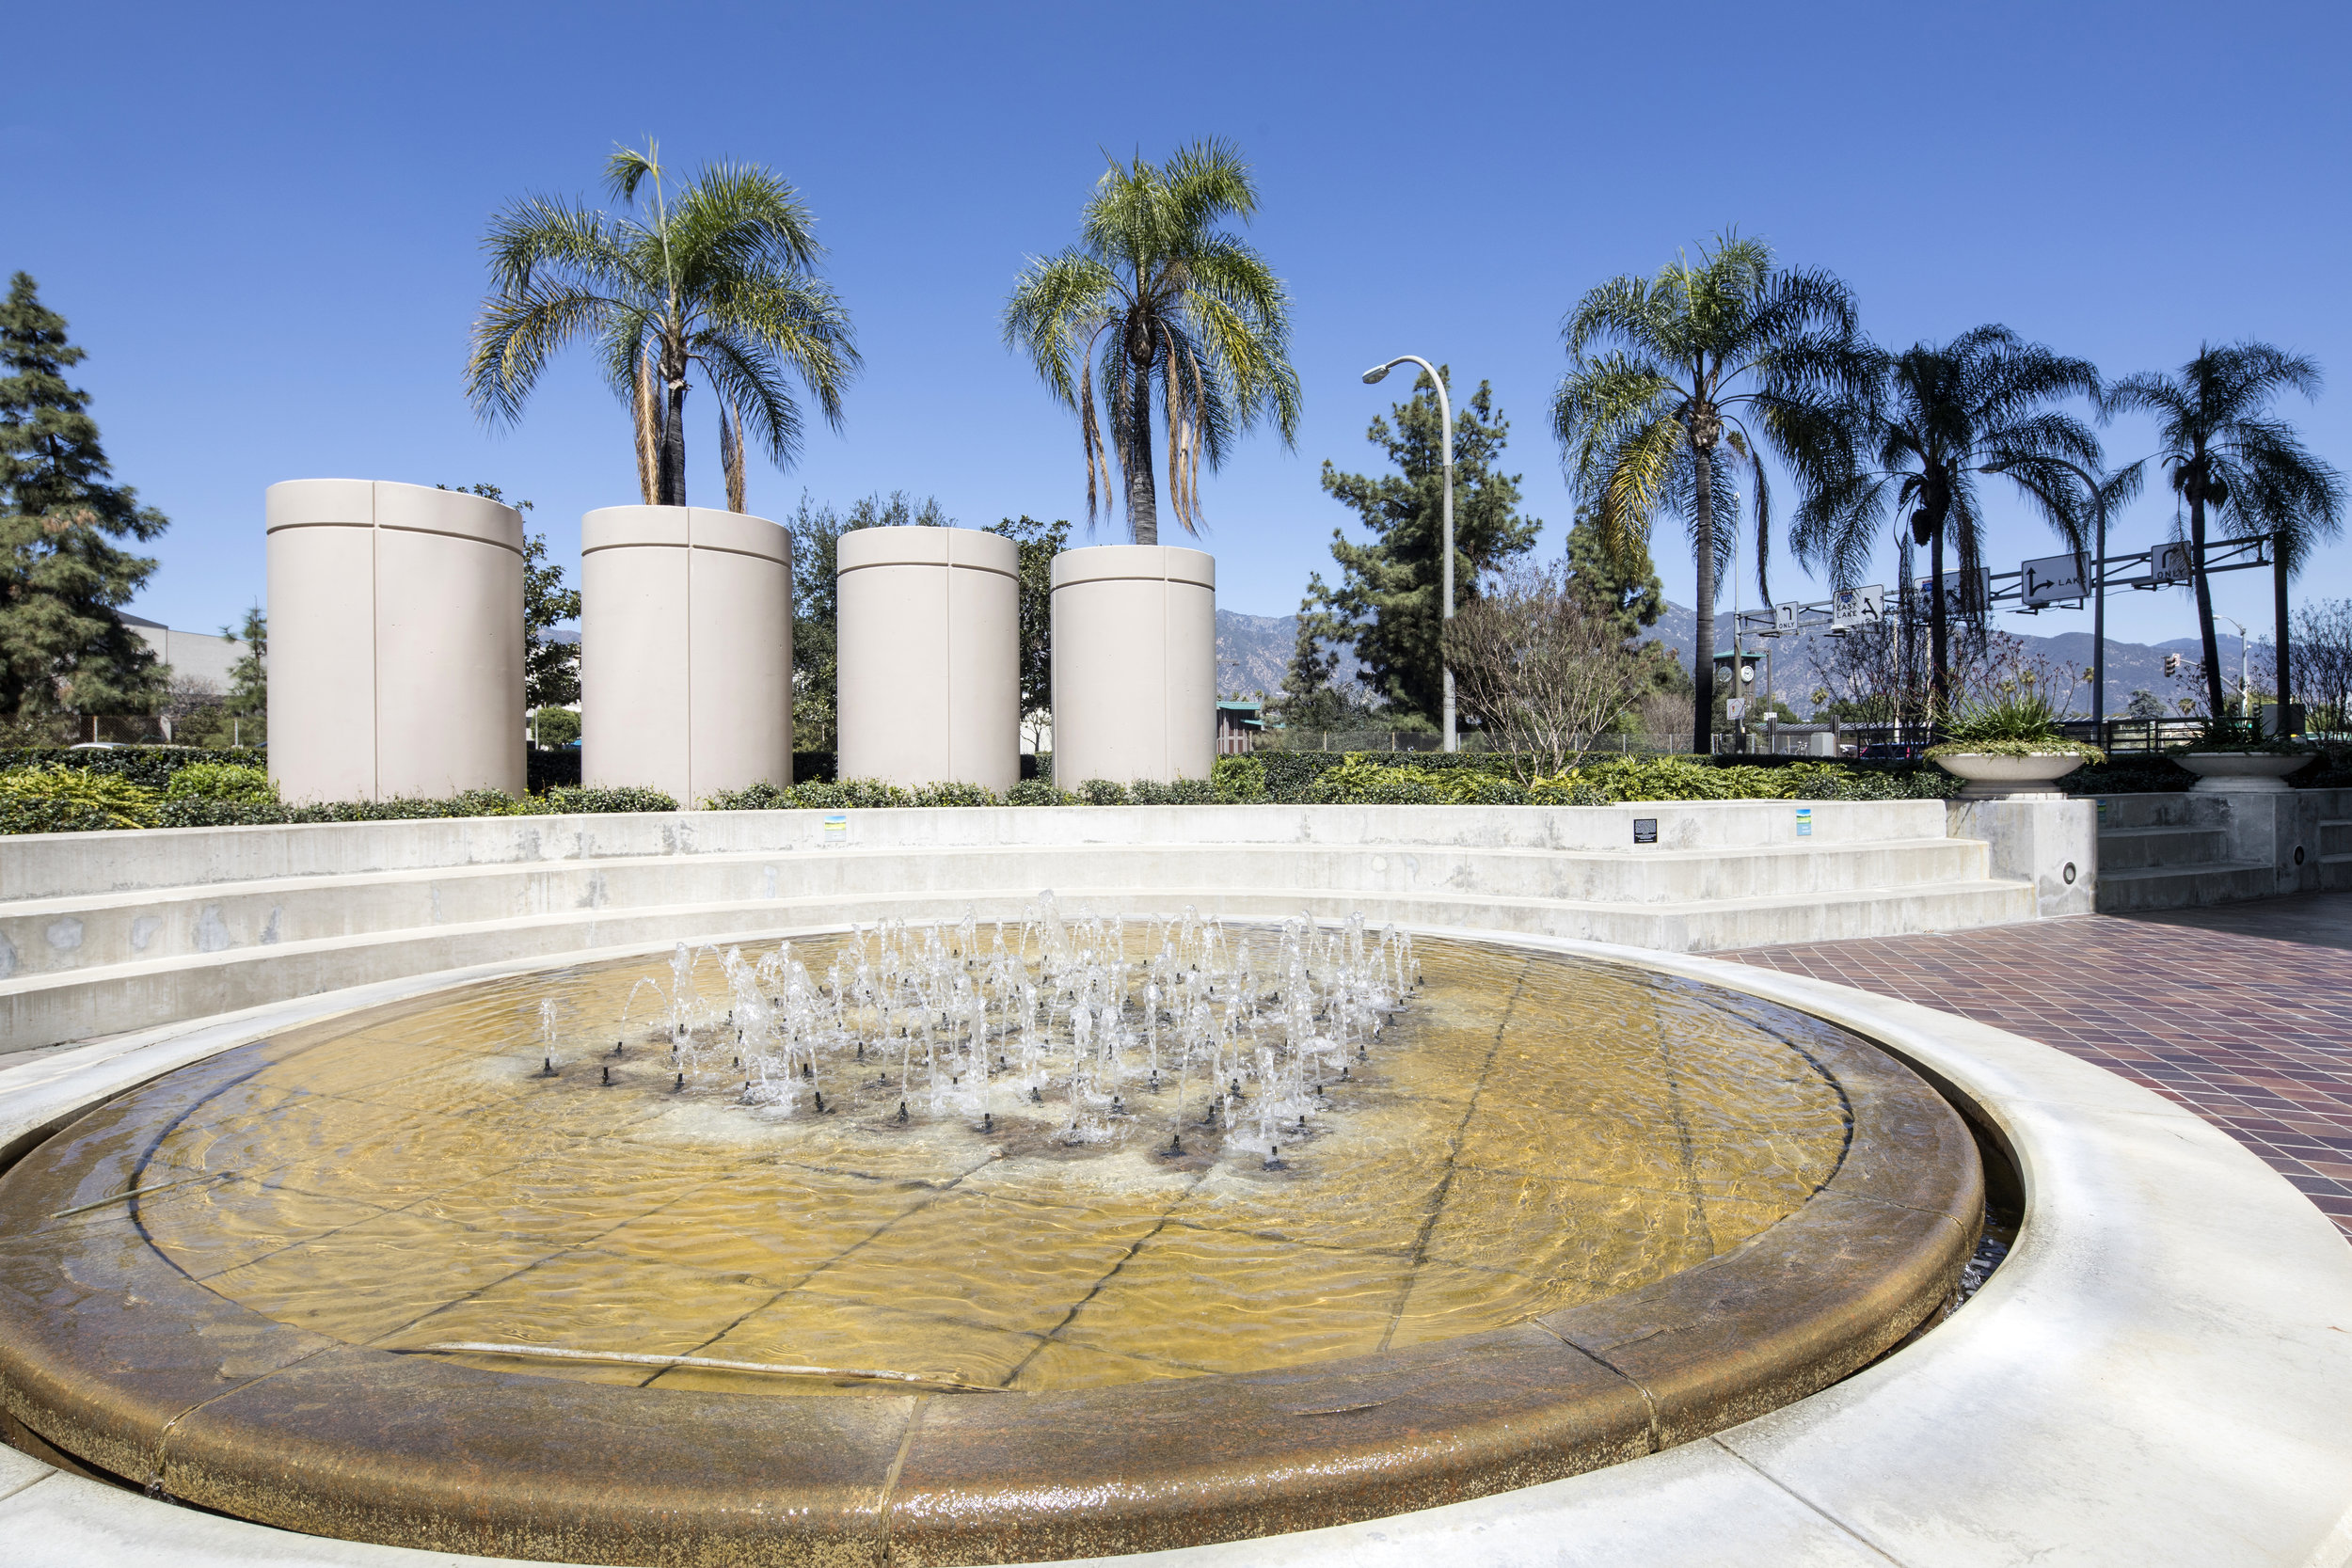 301 N Lake ext fountain.jpg